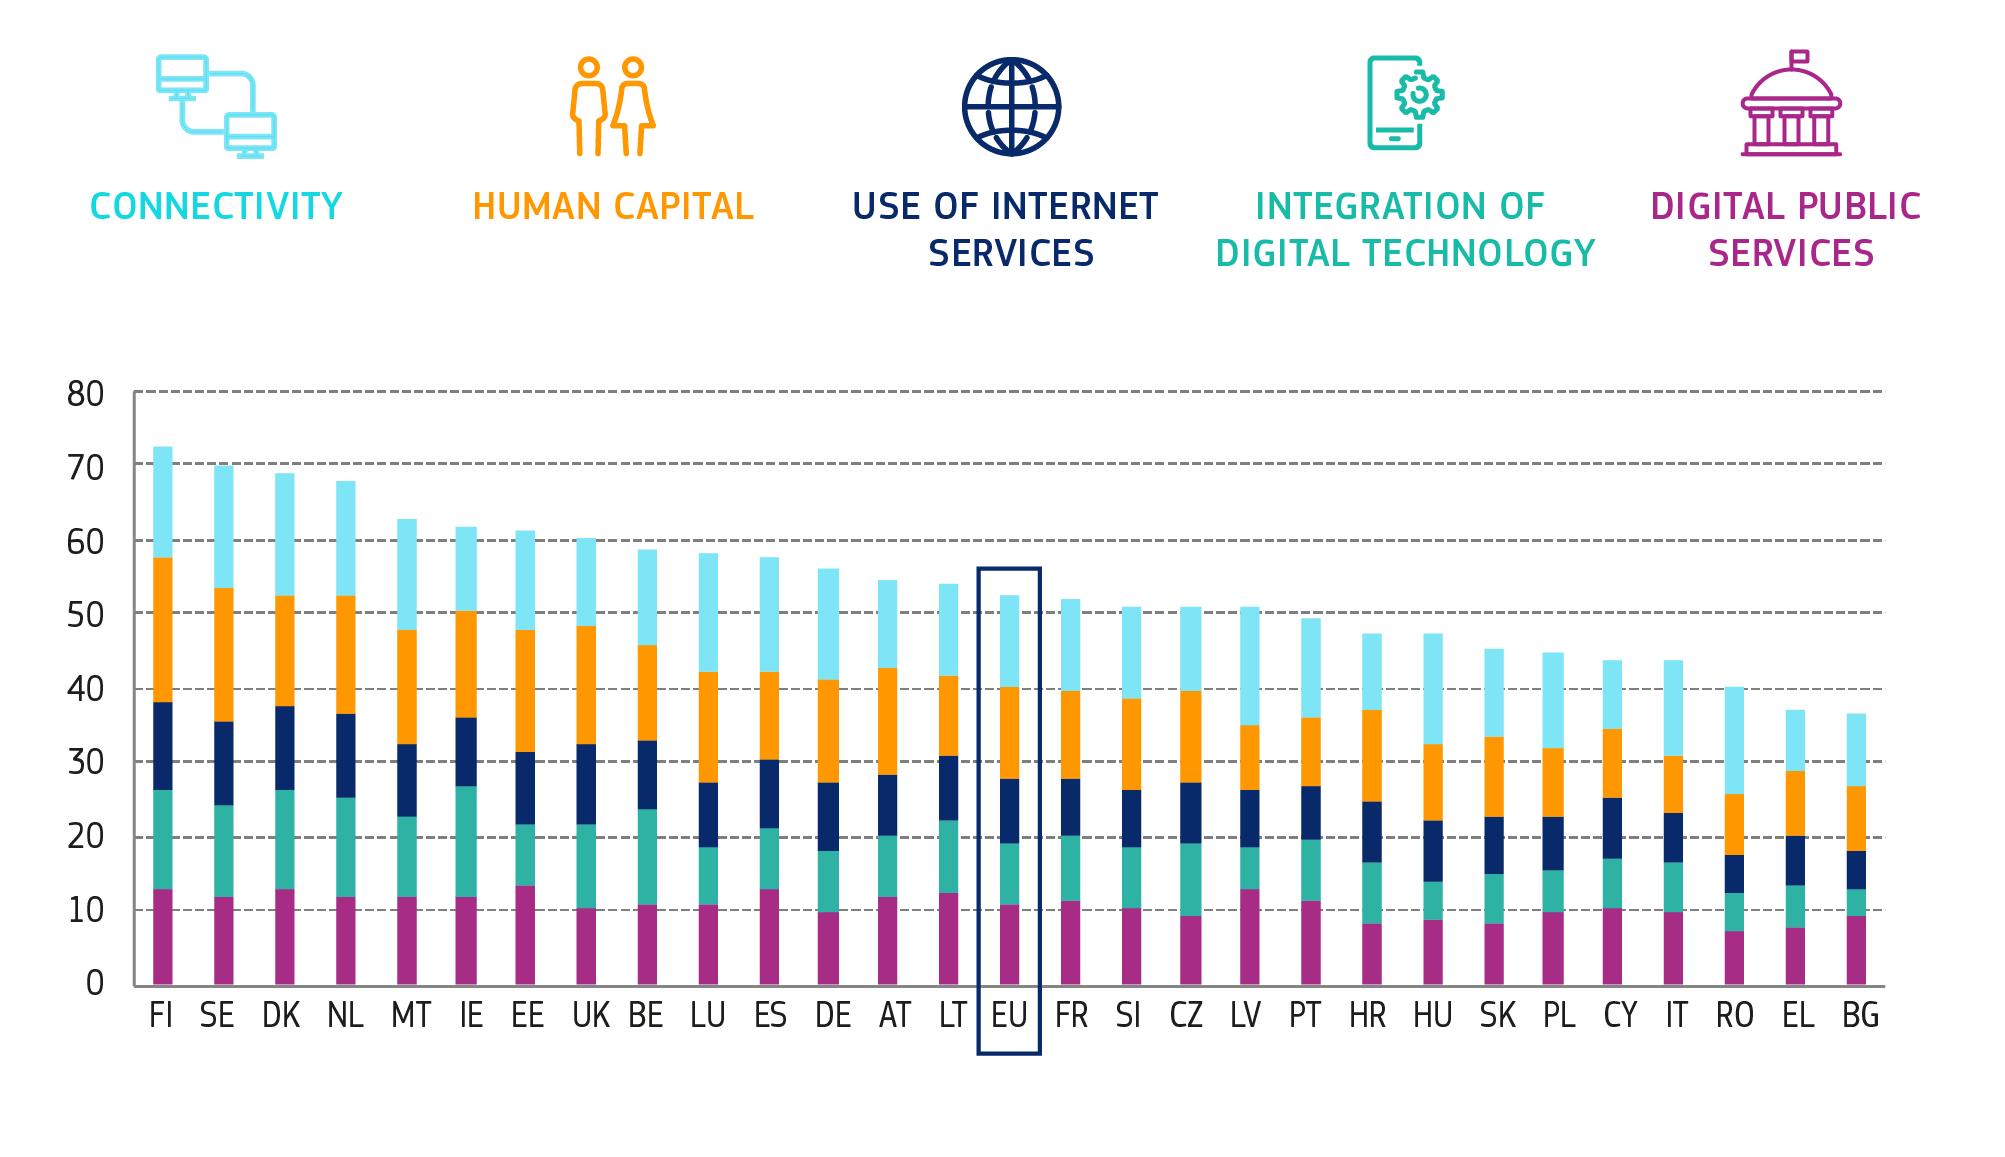 România, în coada ţărilor UE după performanţele în domeniul digital